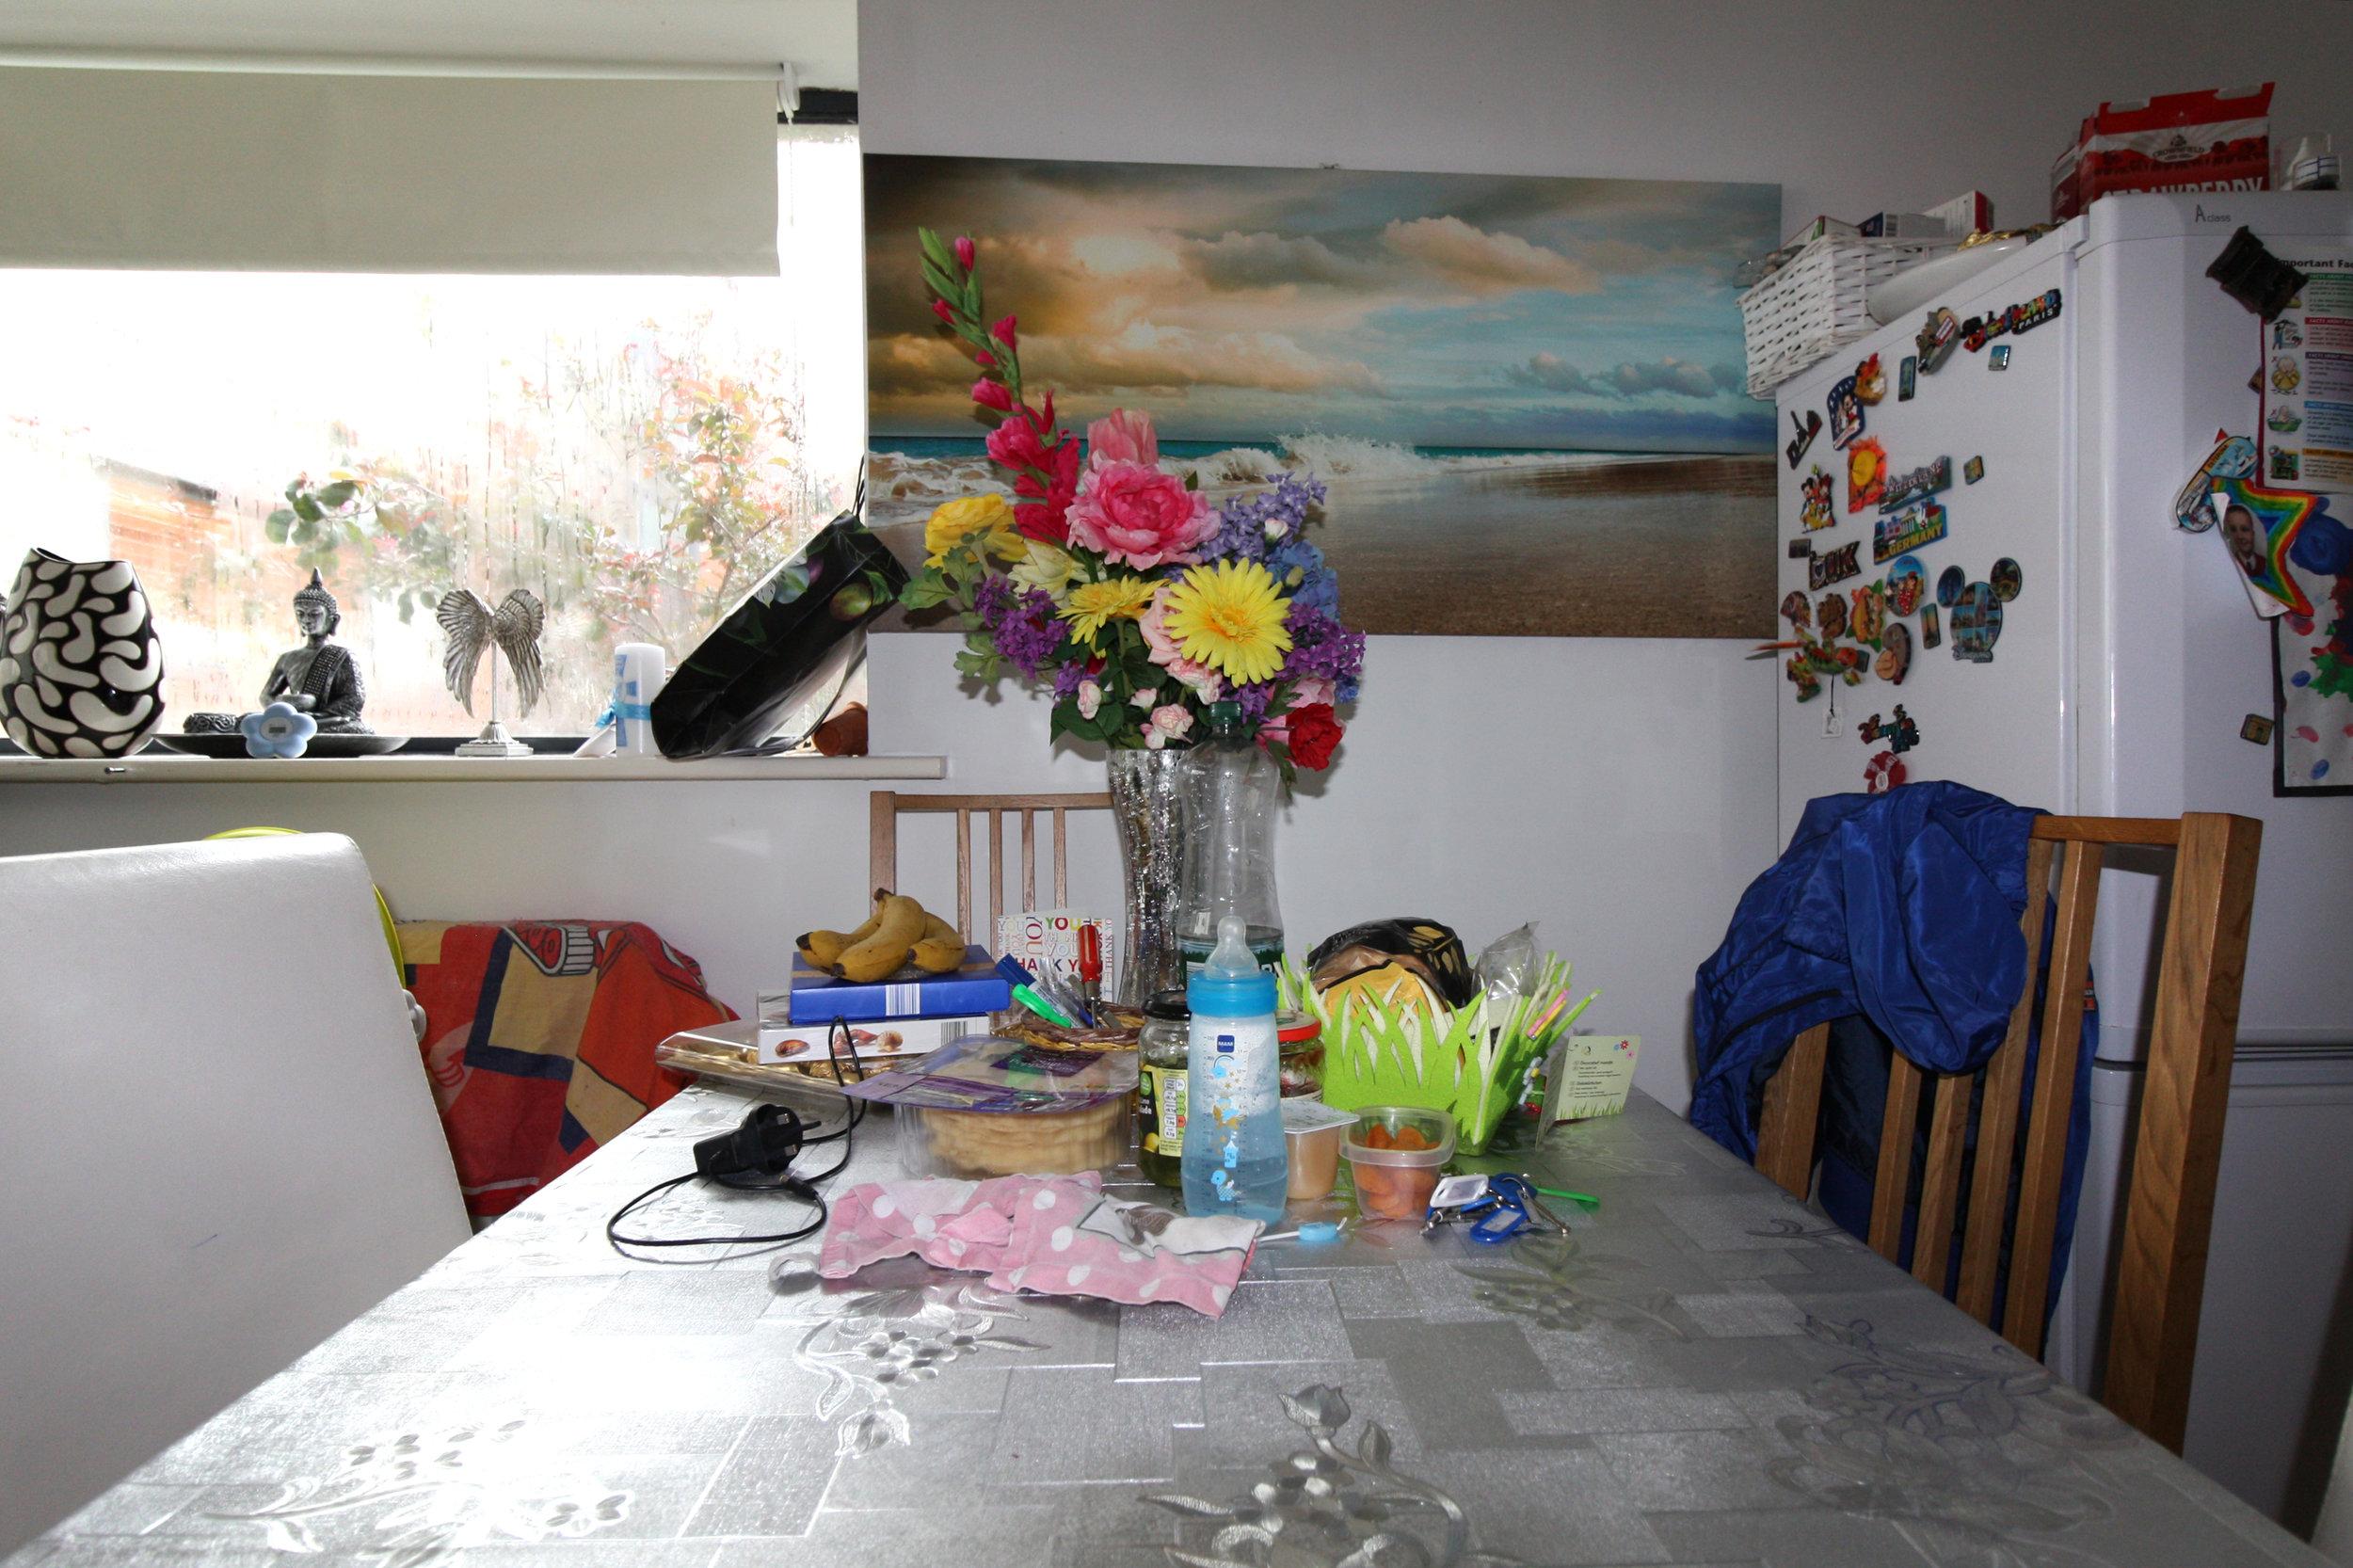 HR - Dublin 1 - Before - Living Room Kitchen 2.jpg